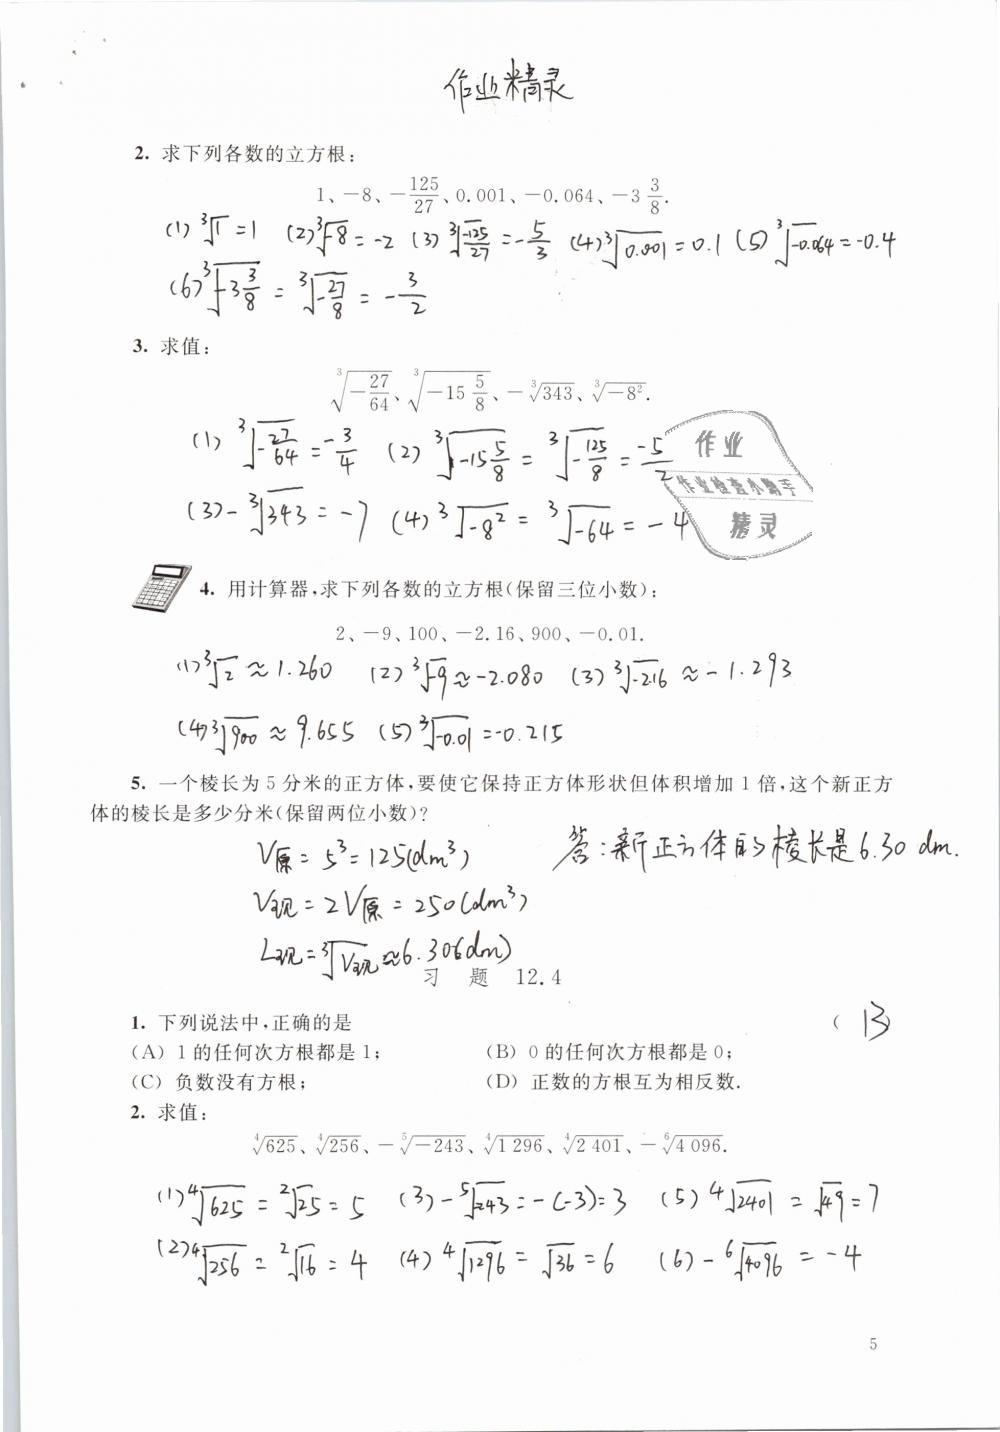 2019年数学练习部分七年级第二学期第5页